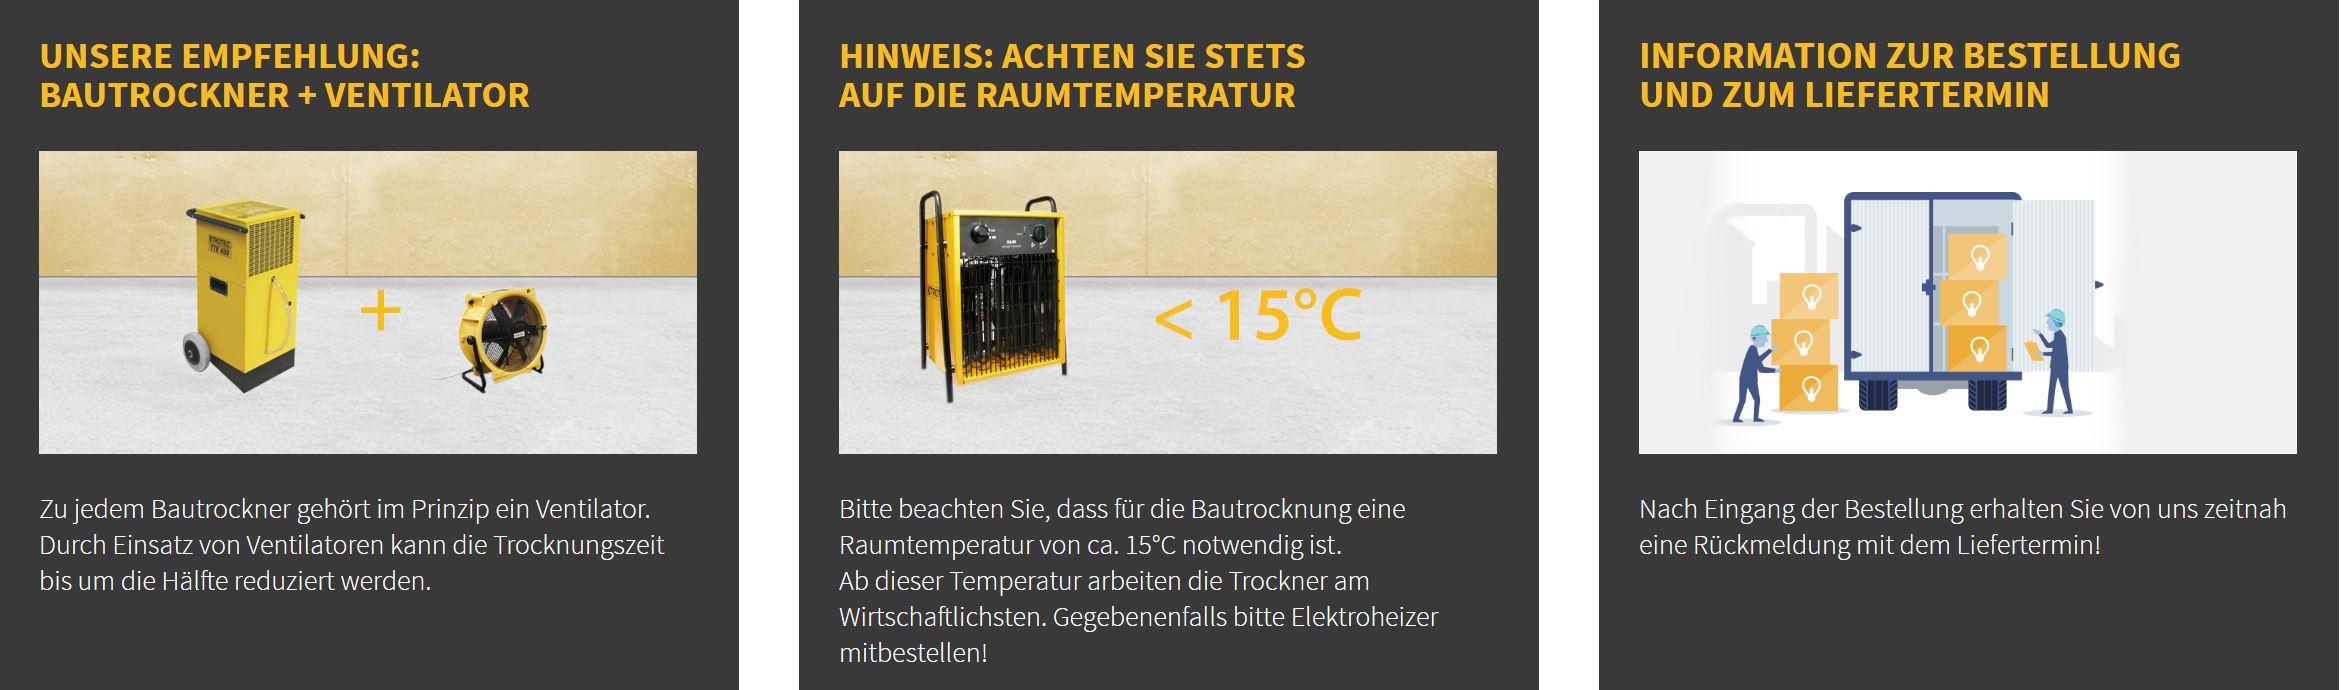 bautrocknung-im-winter-bautrockner-duregger-mieten-muenchen-verleih-trocknungsgeraete-heizgeraete-vermietung-deutschland-oesterreich-bestellen